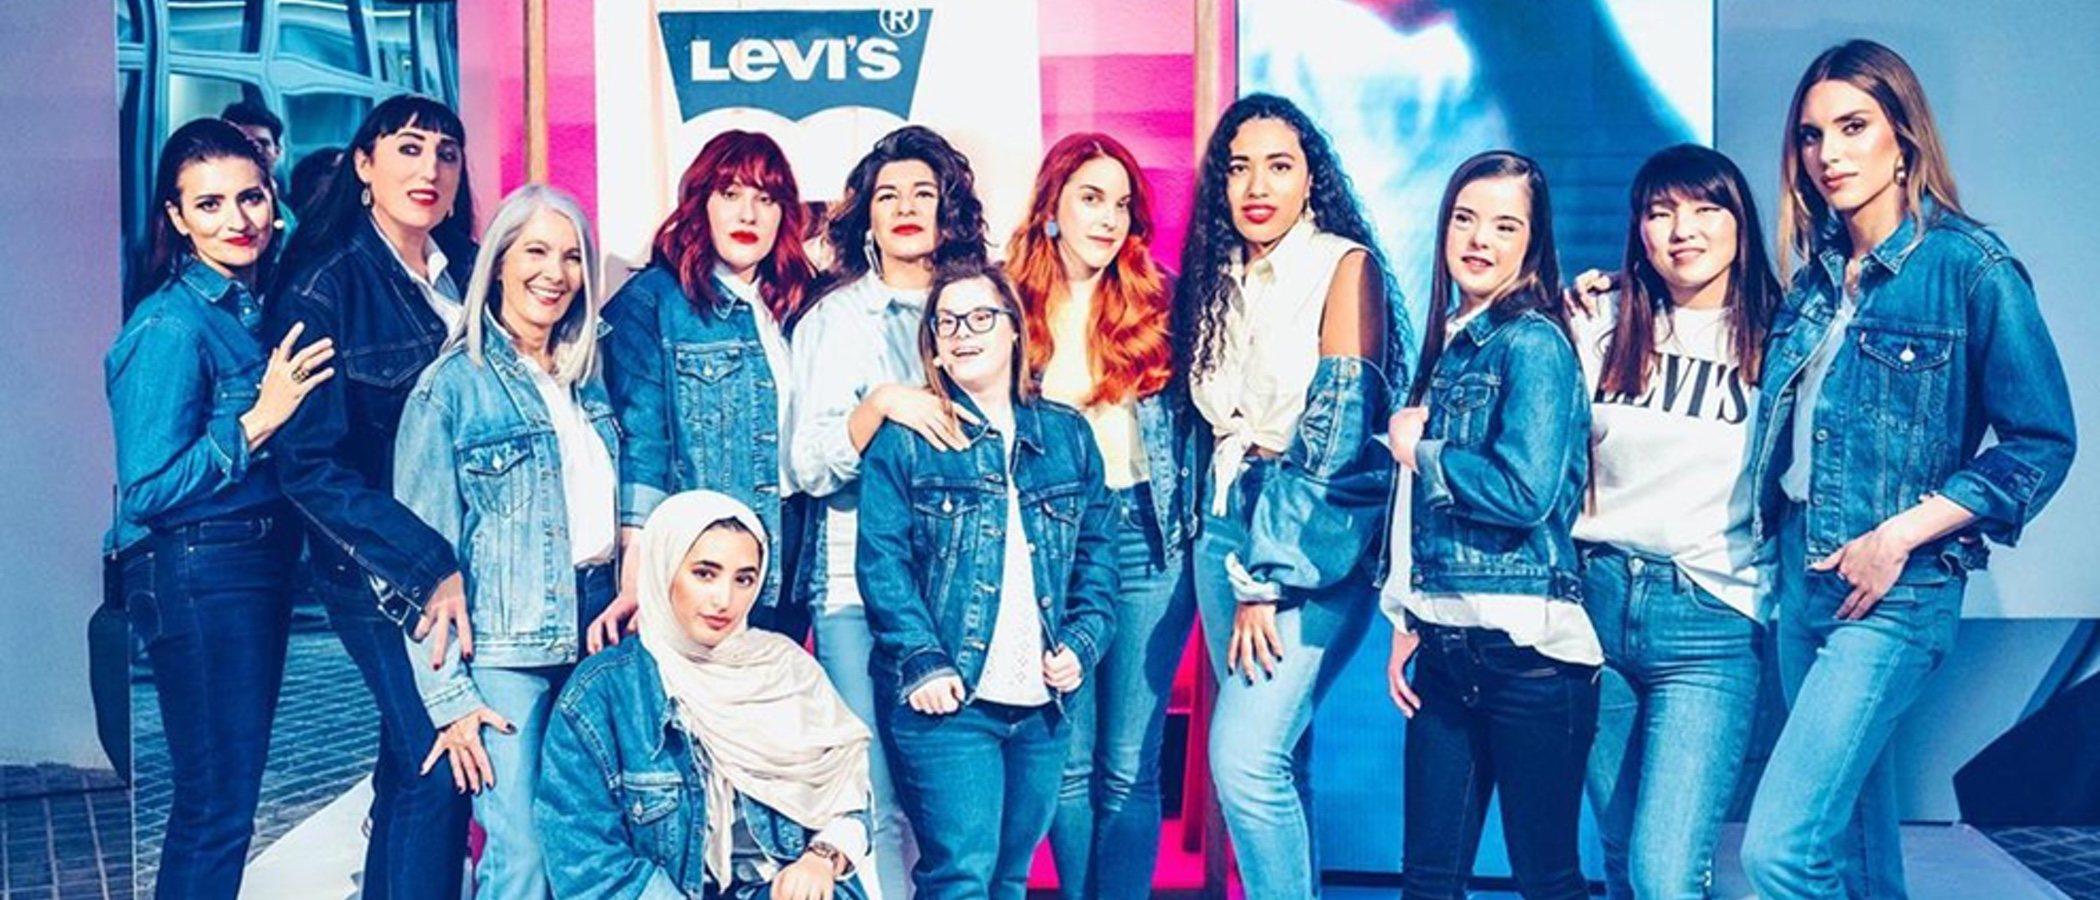 Levi's lanza los jeans que favorecen a todas con su colección 'Sculpt'